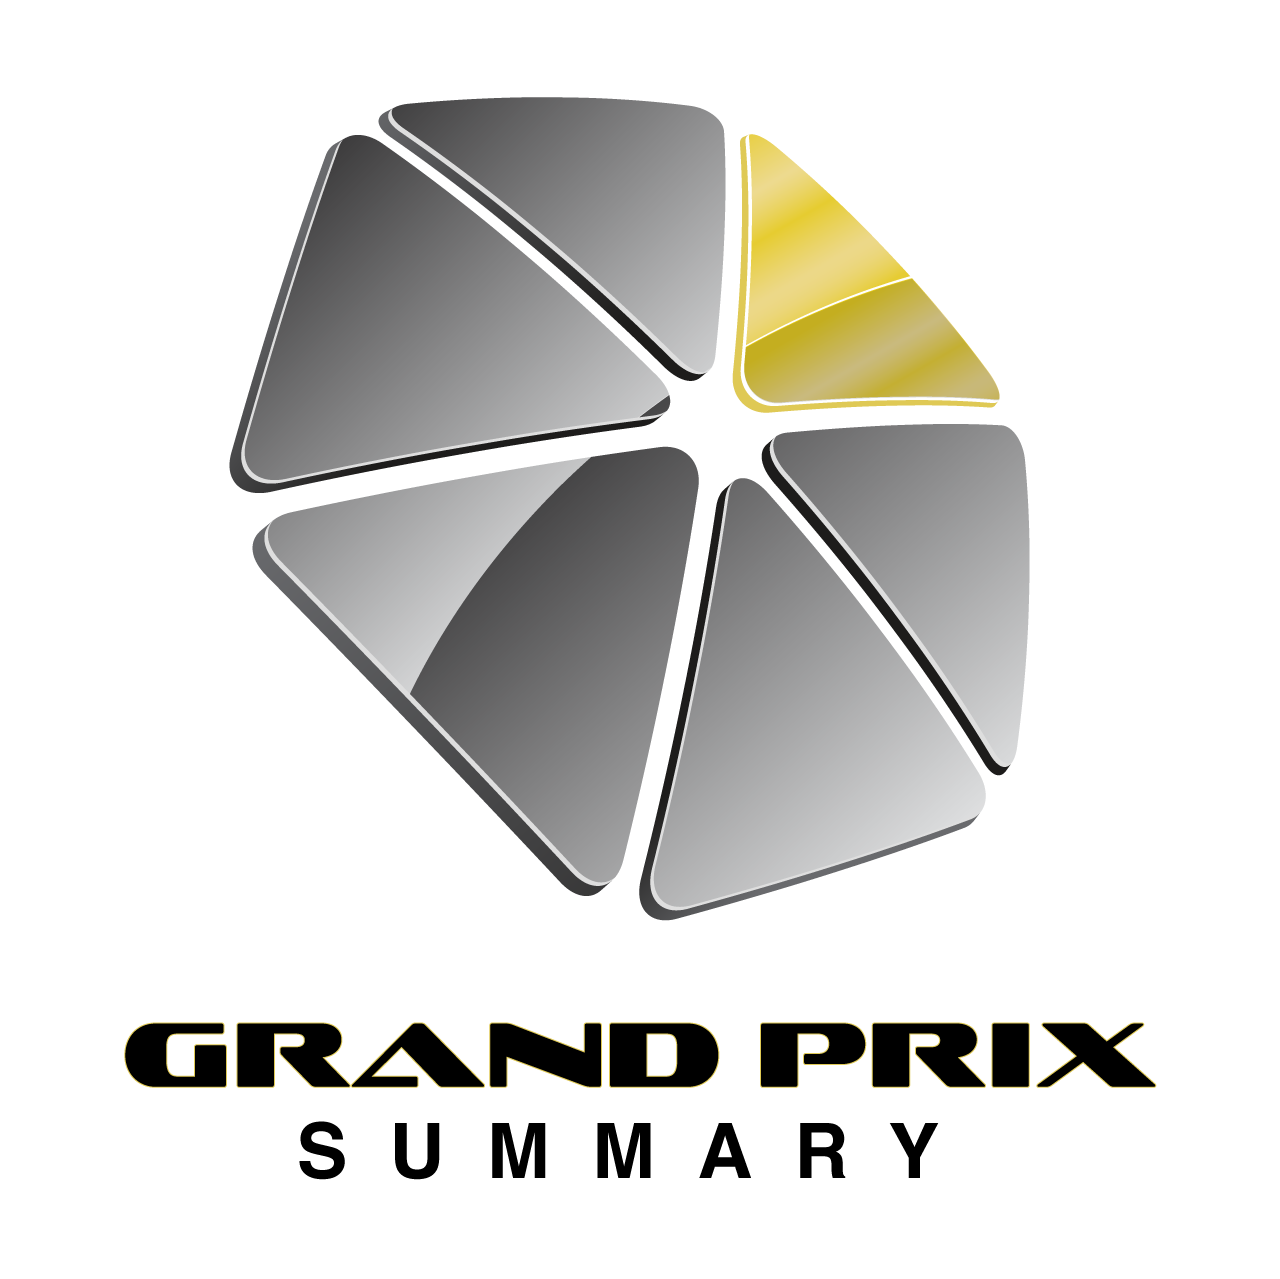 GrandPrixExecSumm.png